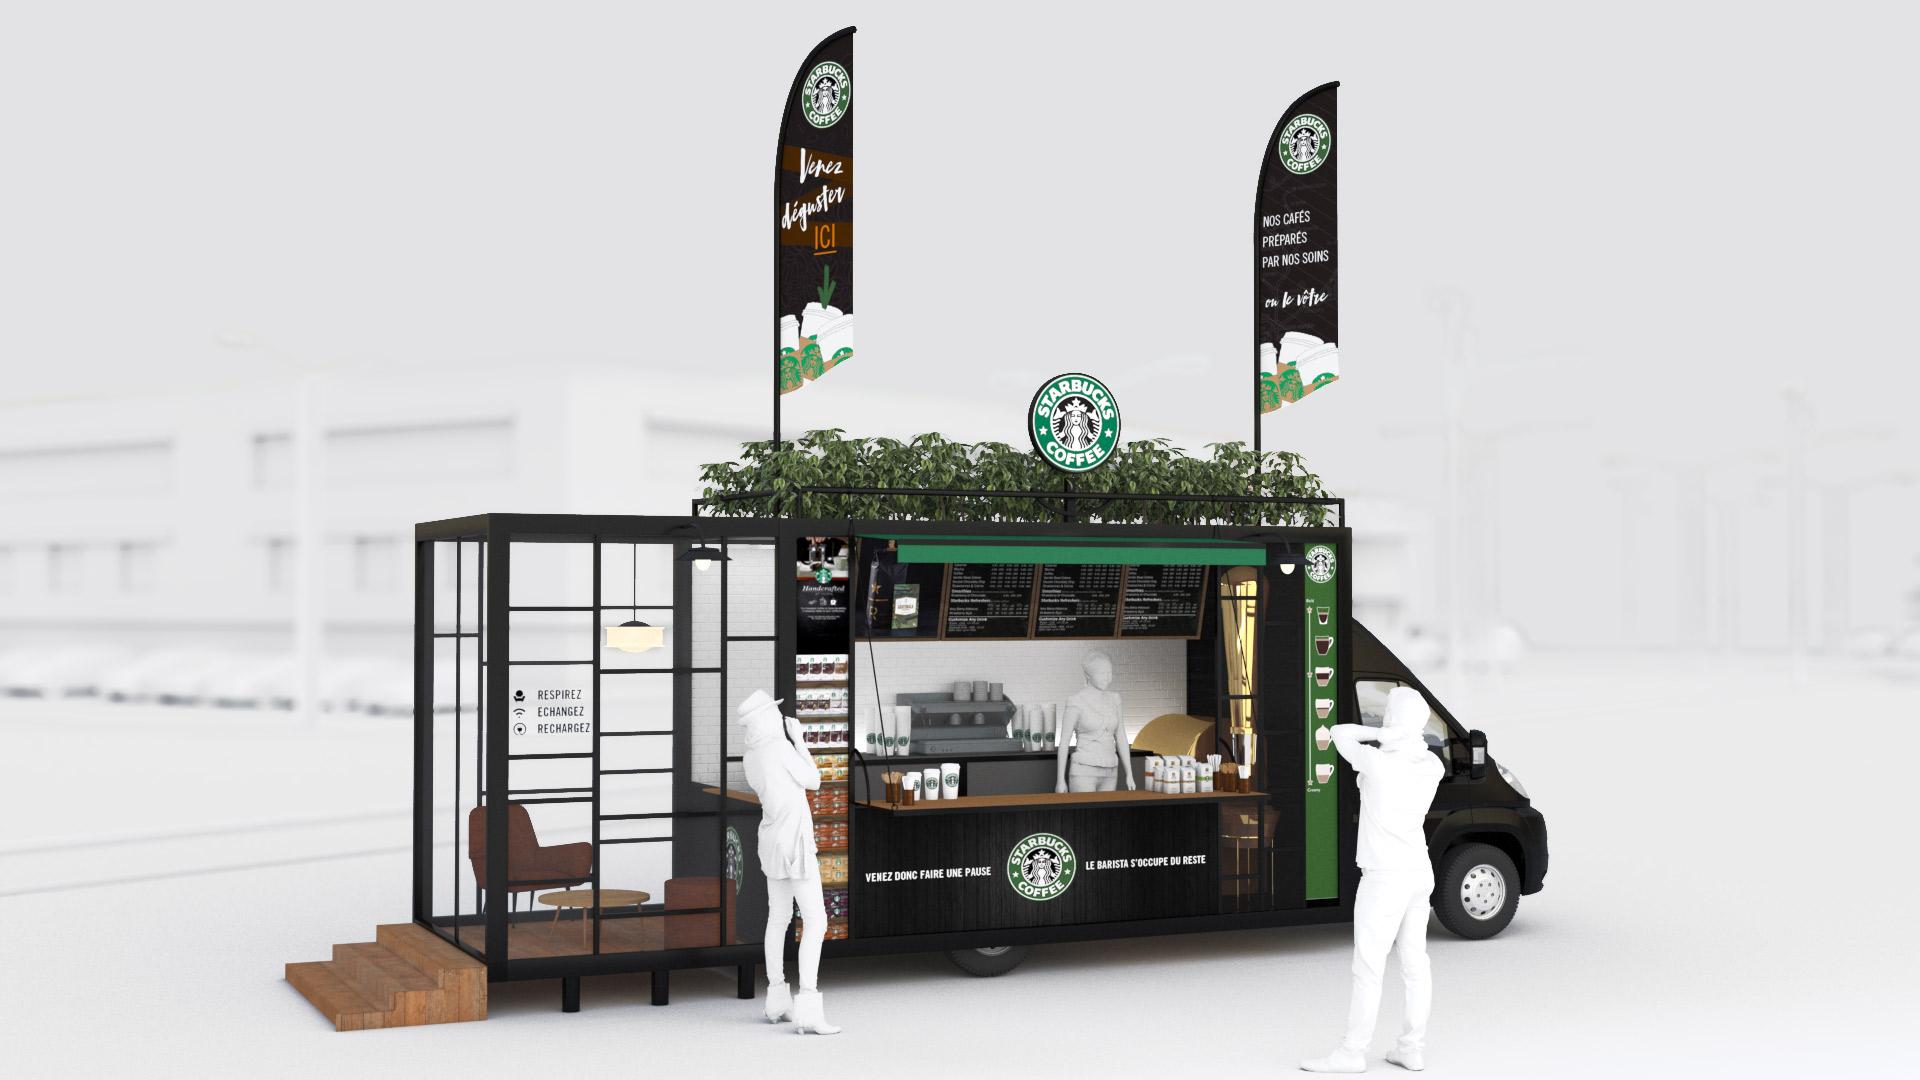 Starbucks_1920_SIDE